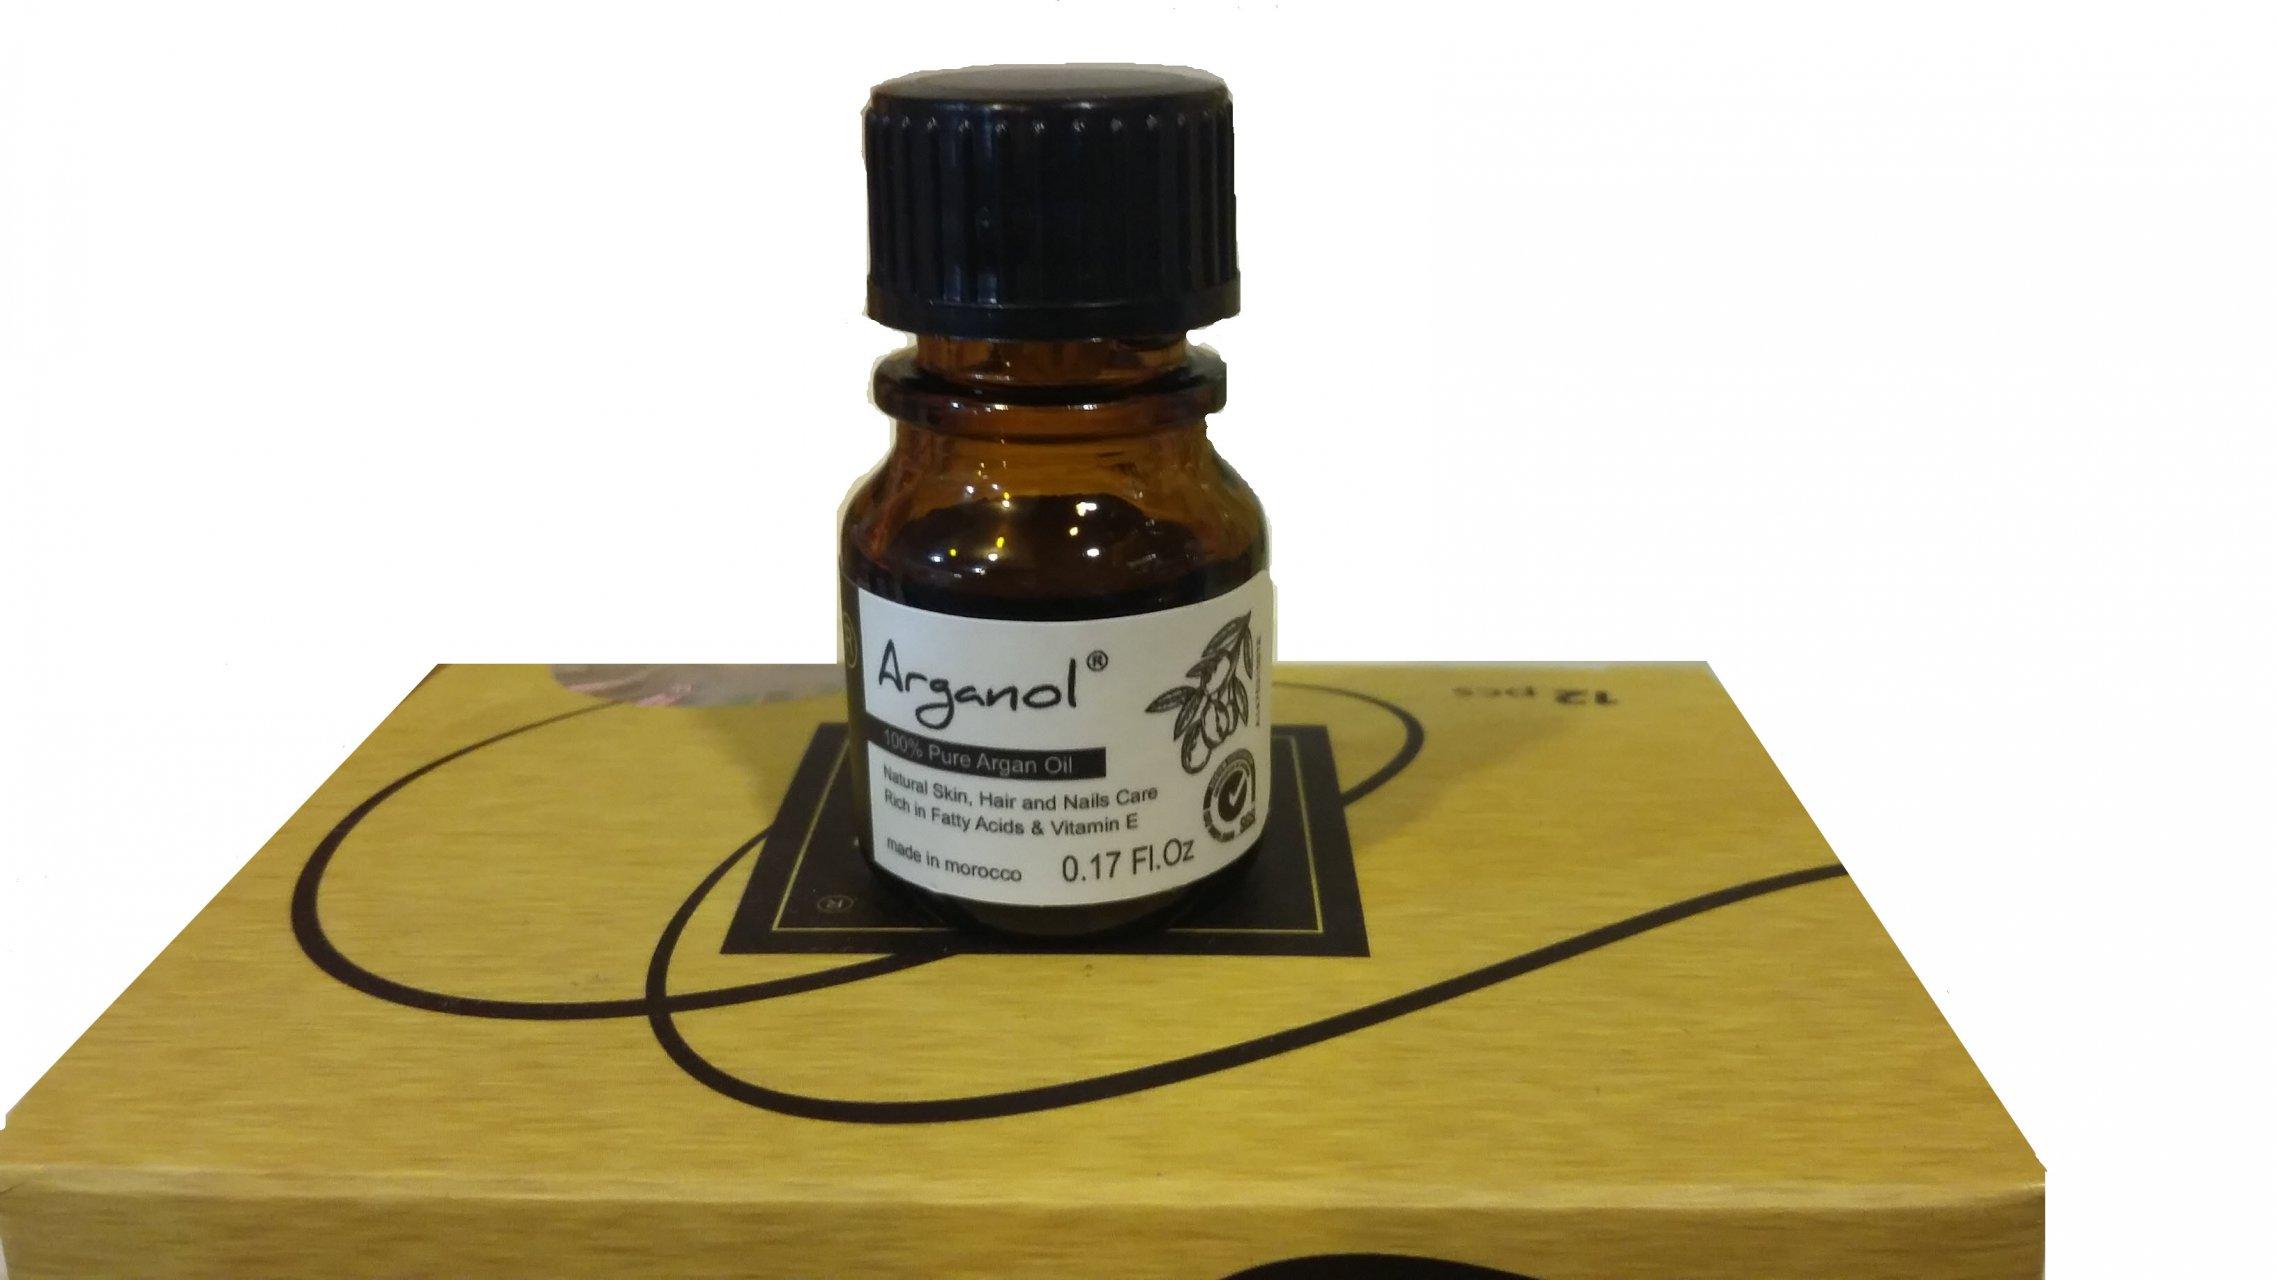 روغن آرگان مراکشی اصل آرگانول 5 میلی گرم